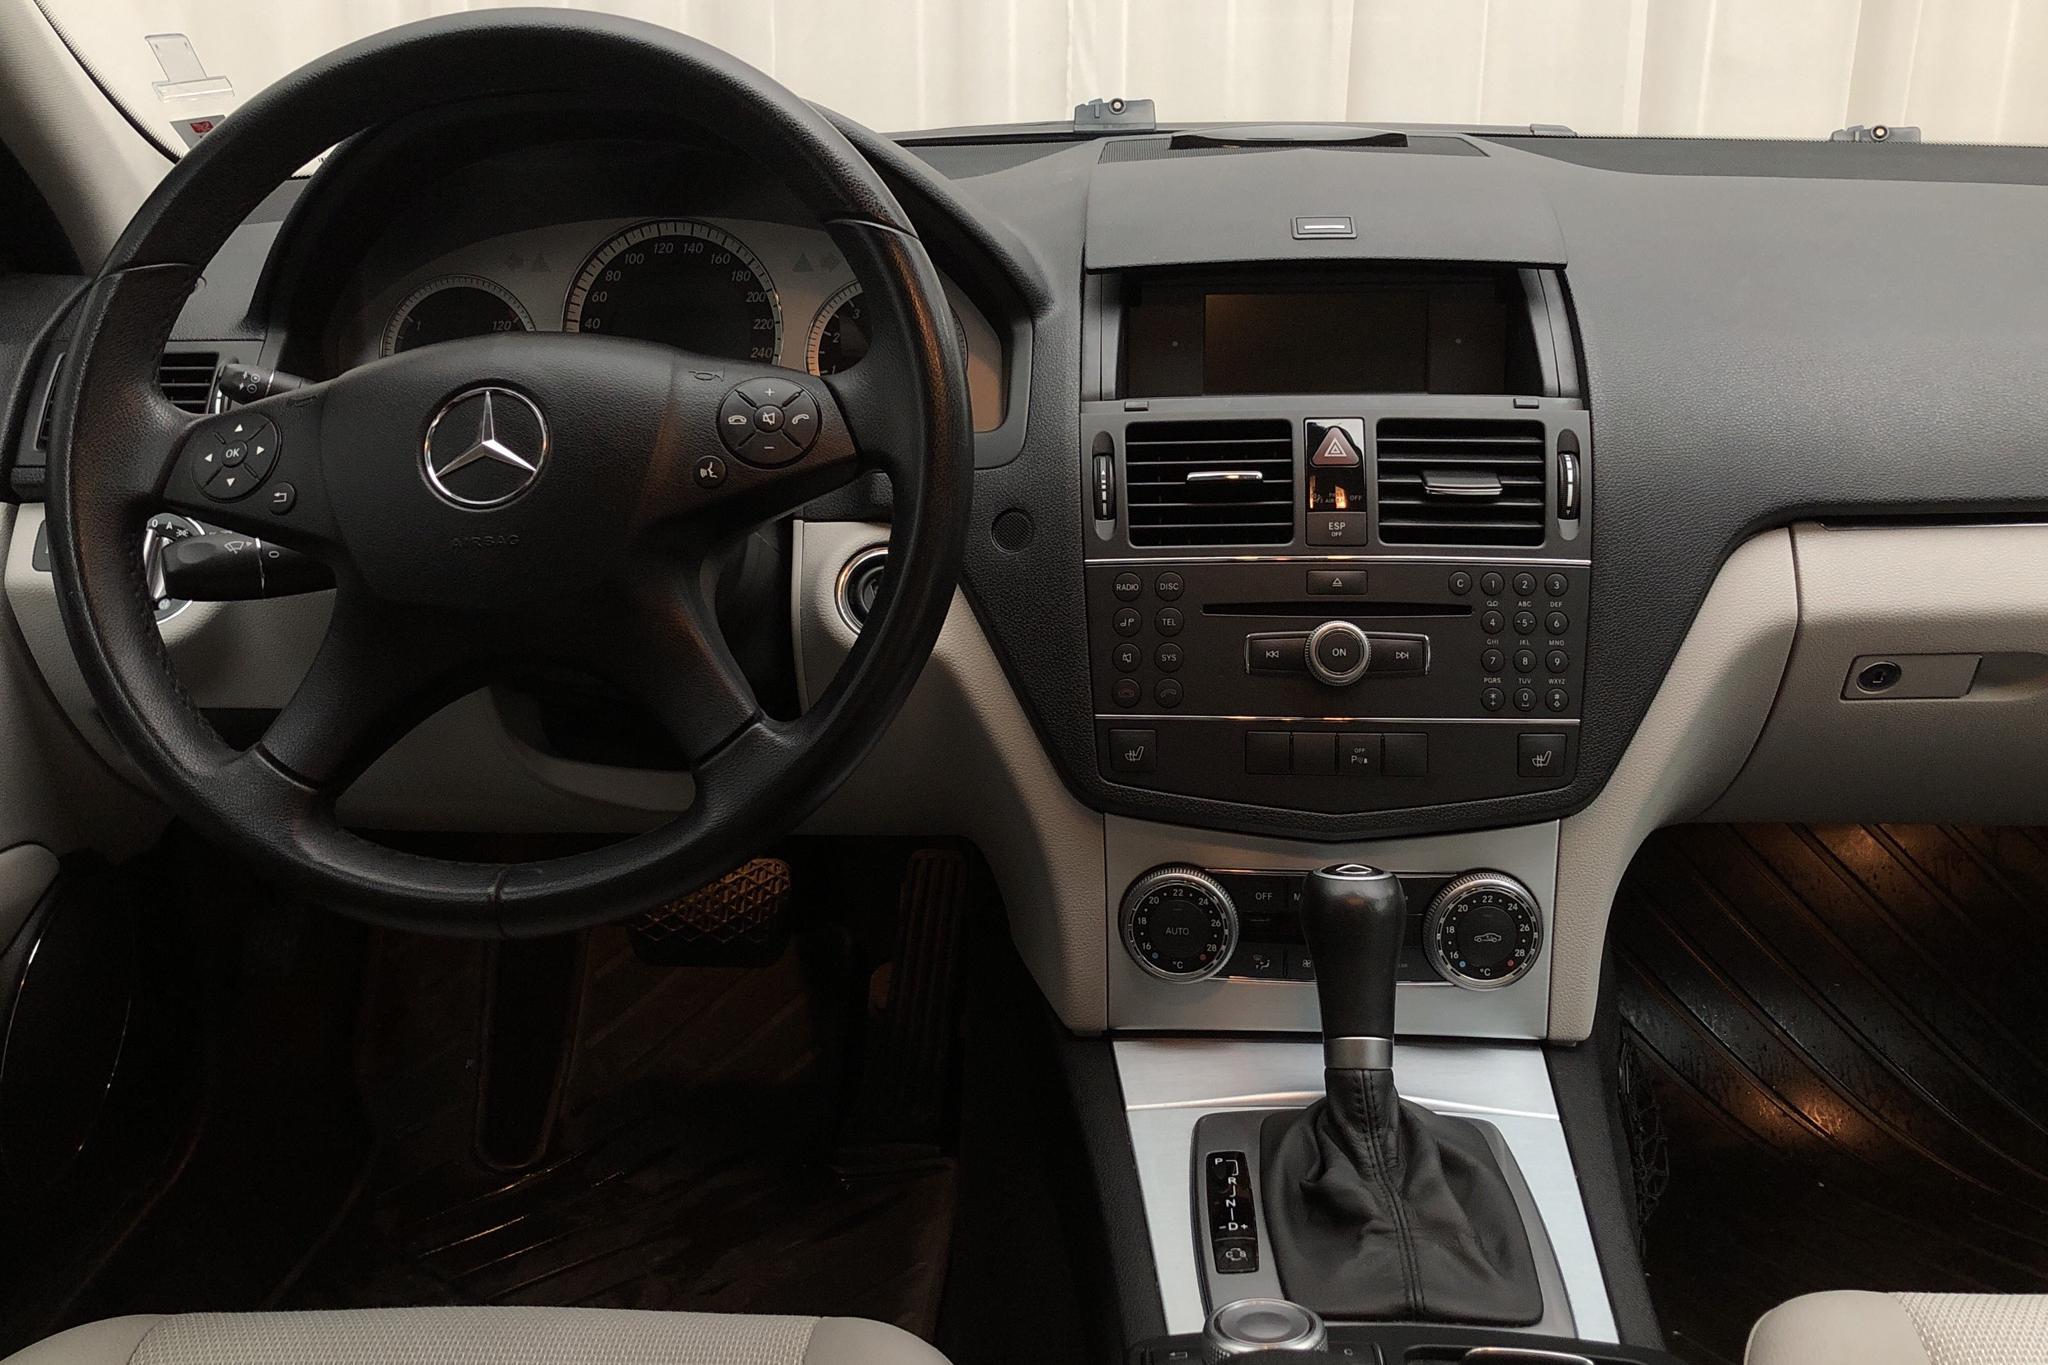 Mercedes C 180 Kompressor W204 (156hk) - 7 978 mil - Automat - silver - 2009